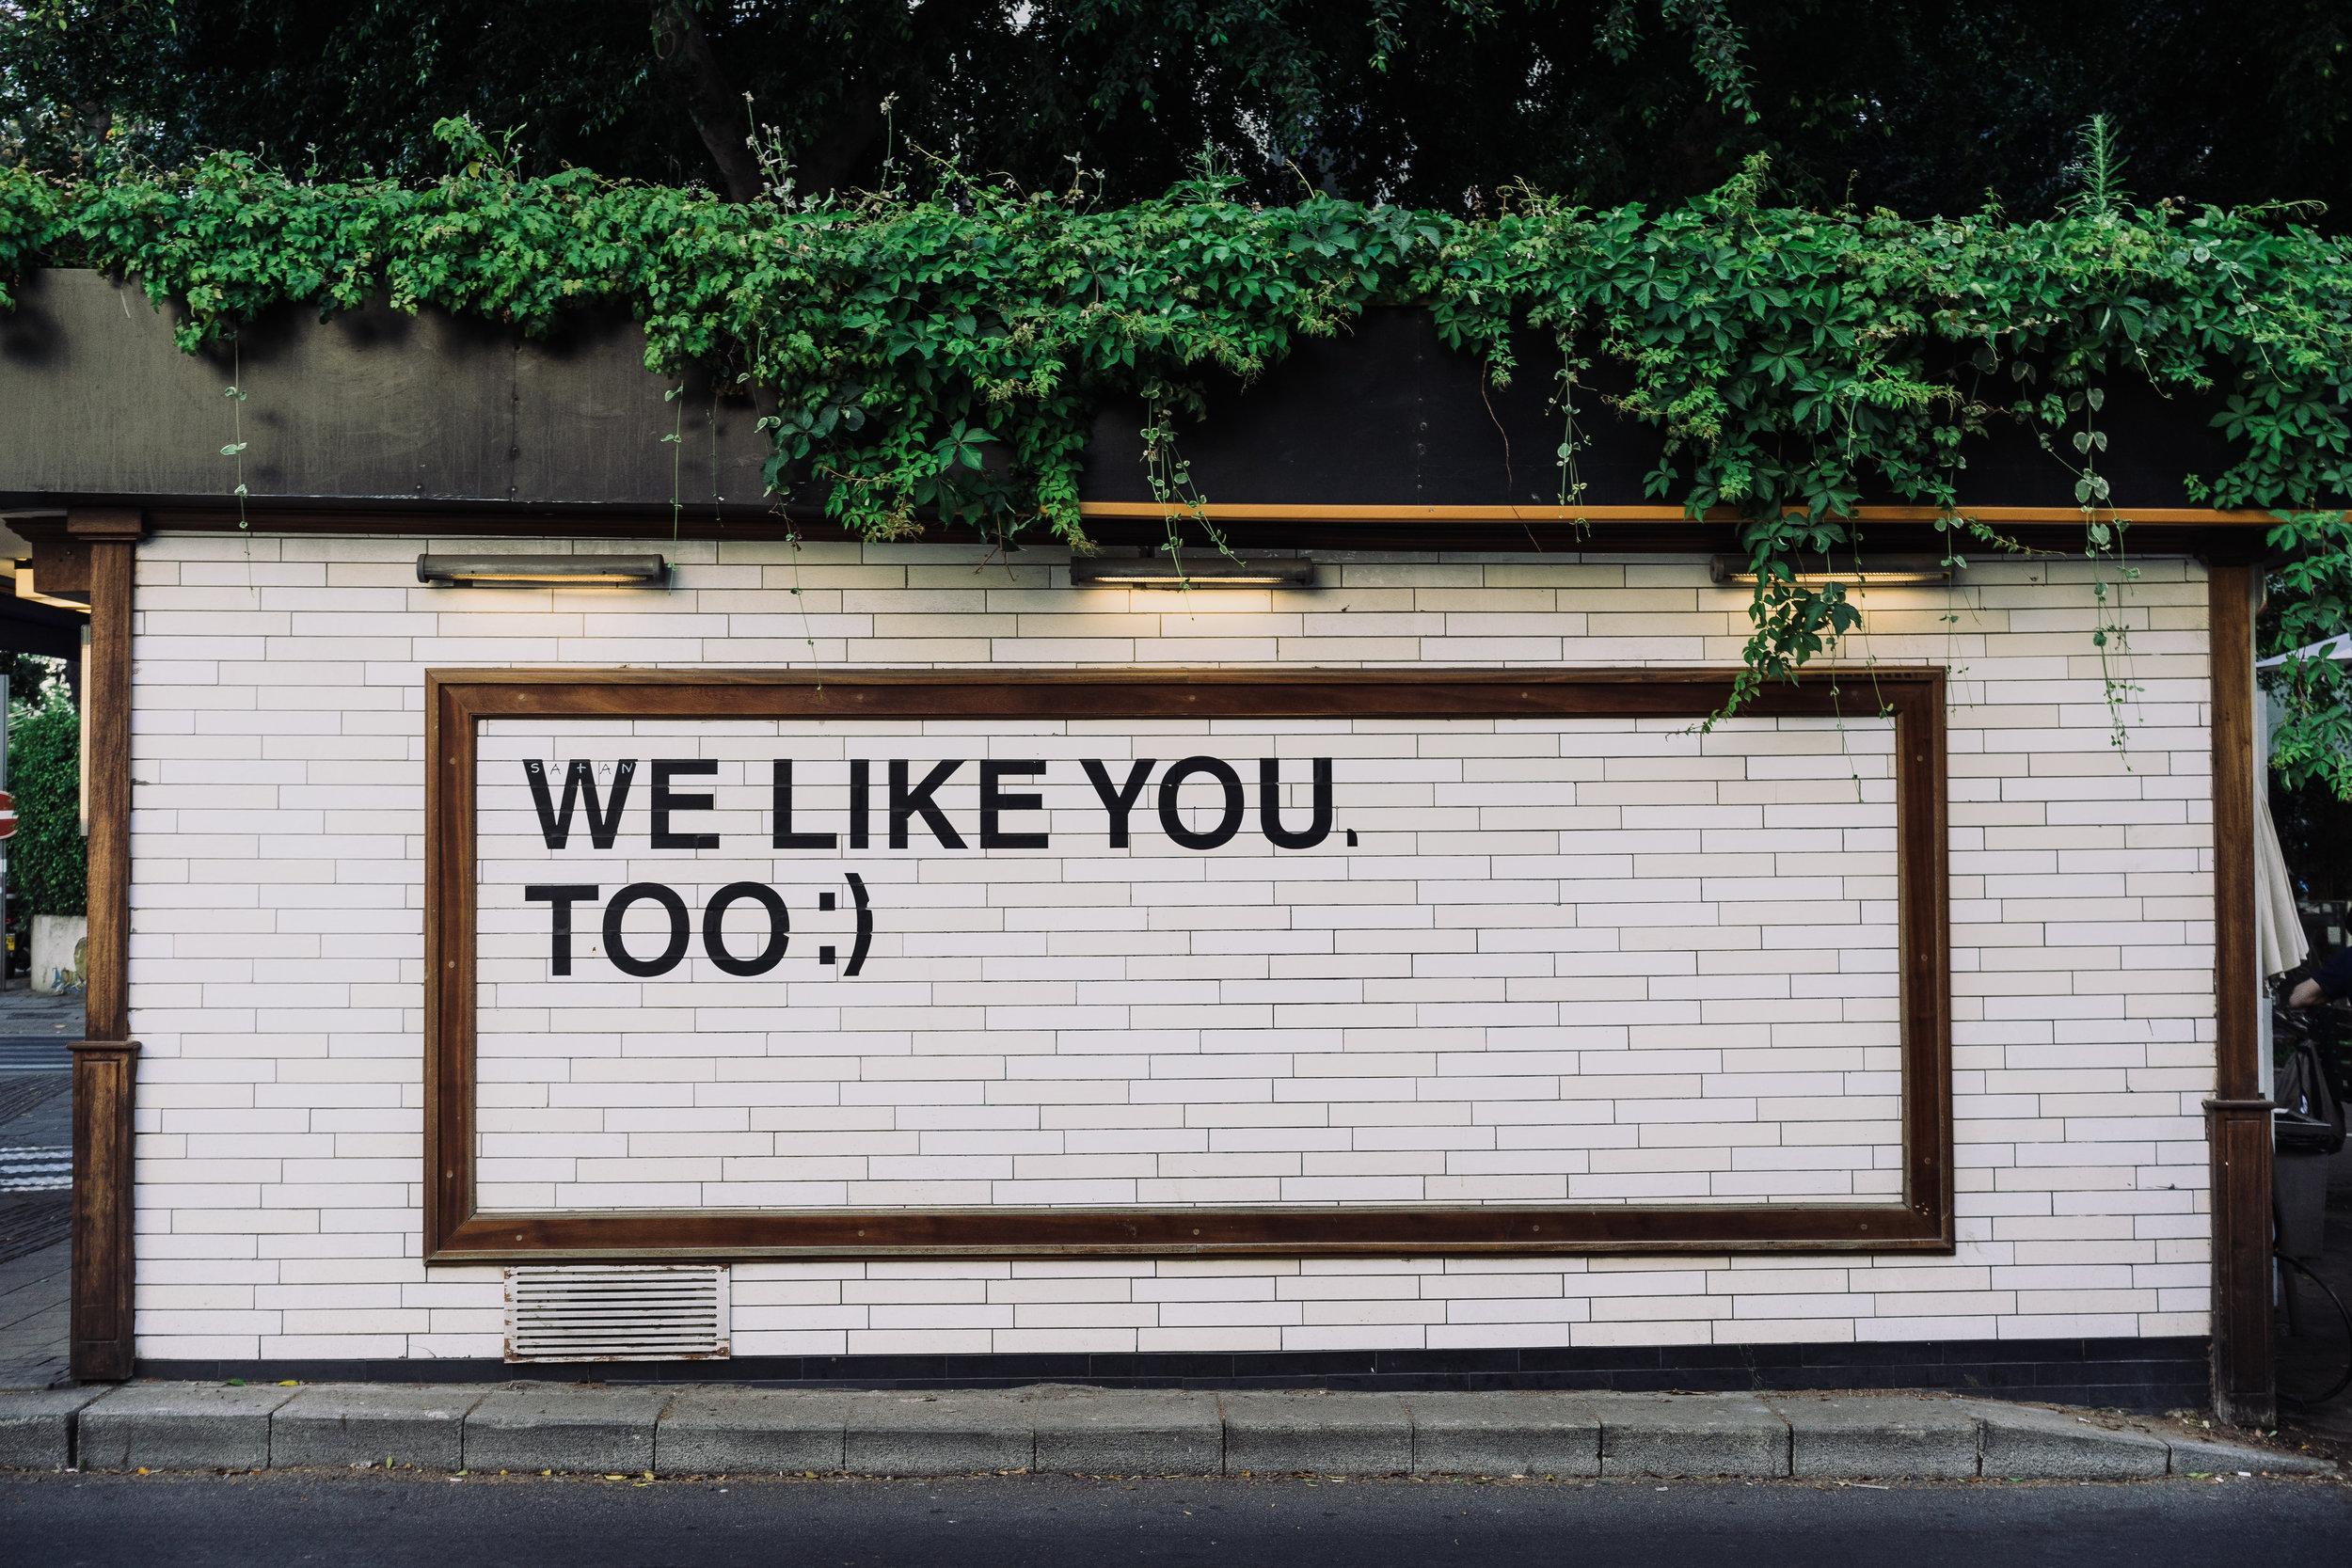 Kundene må like deg :)